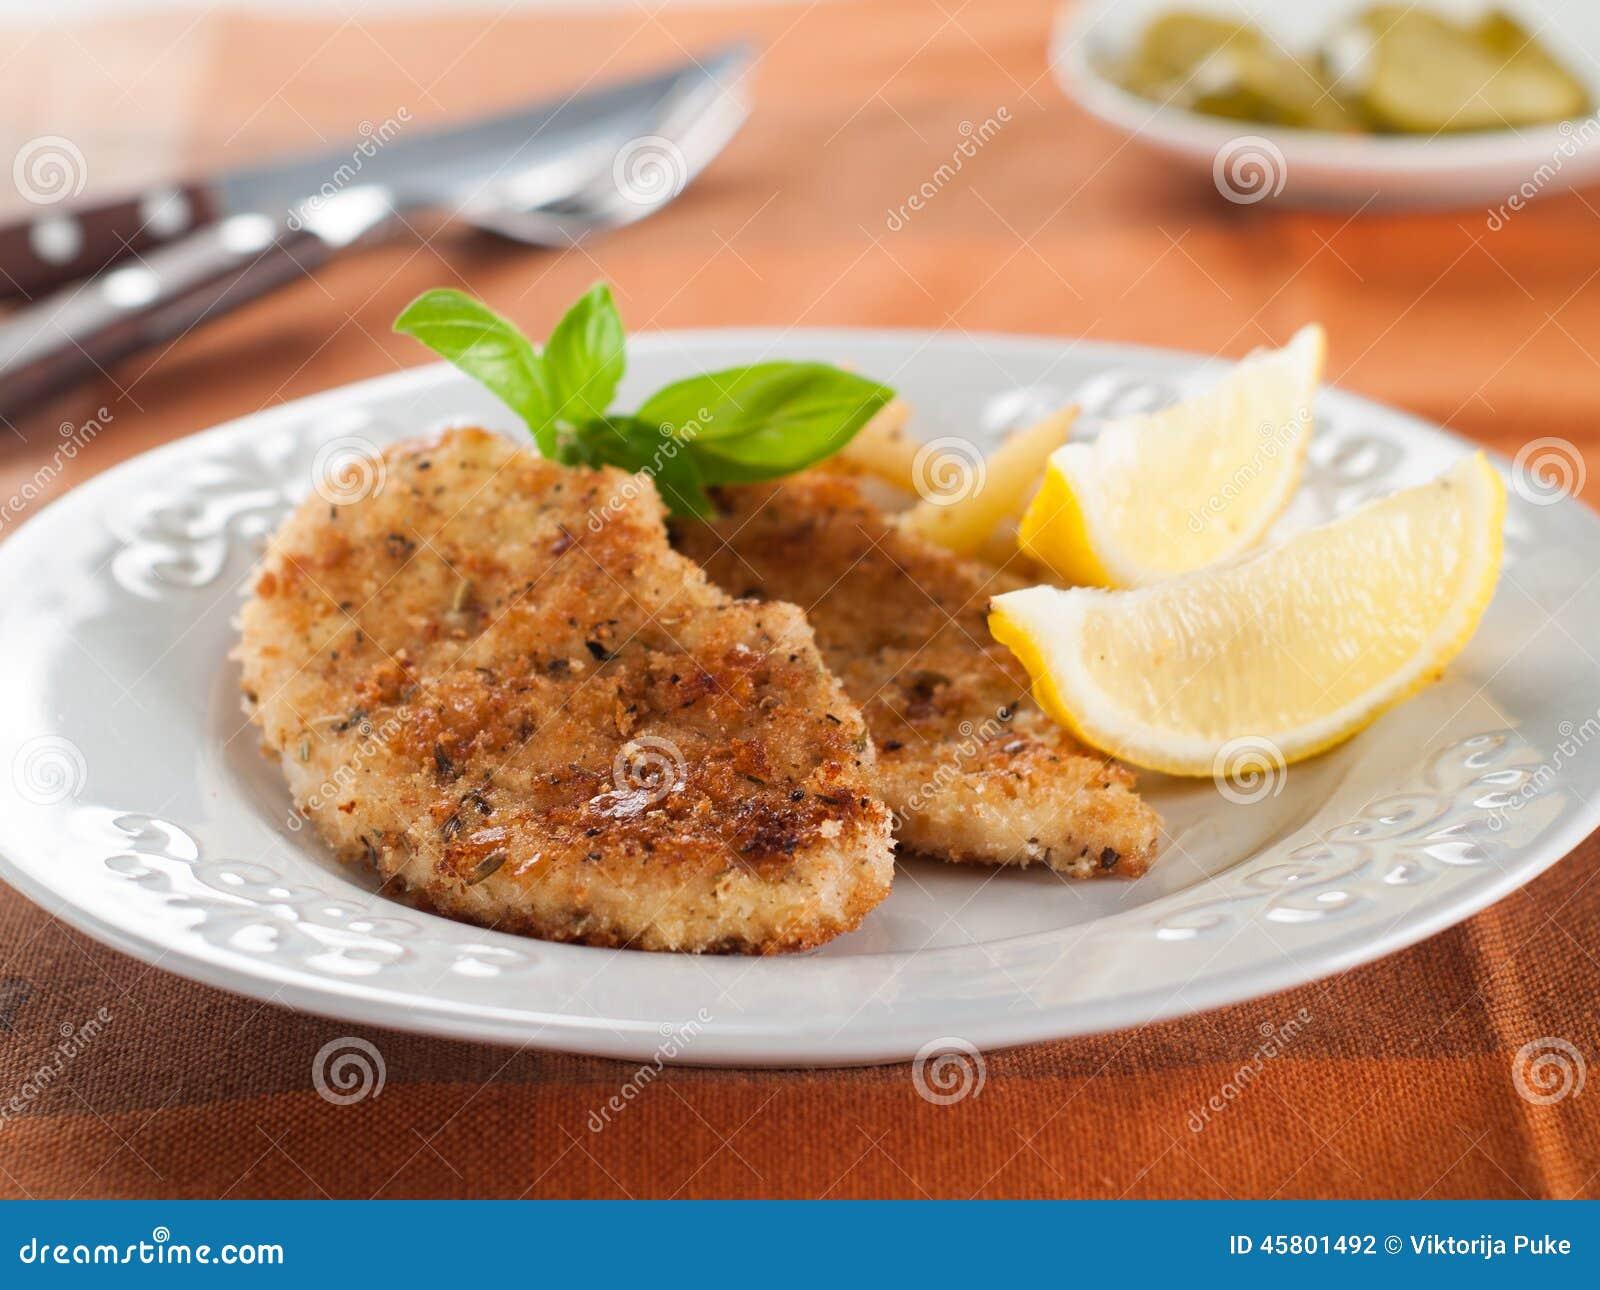 Chicken or pork schnitzel